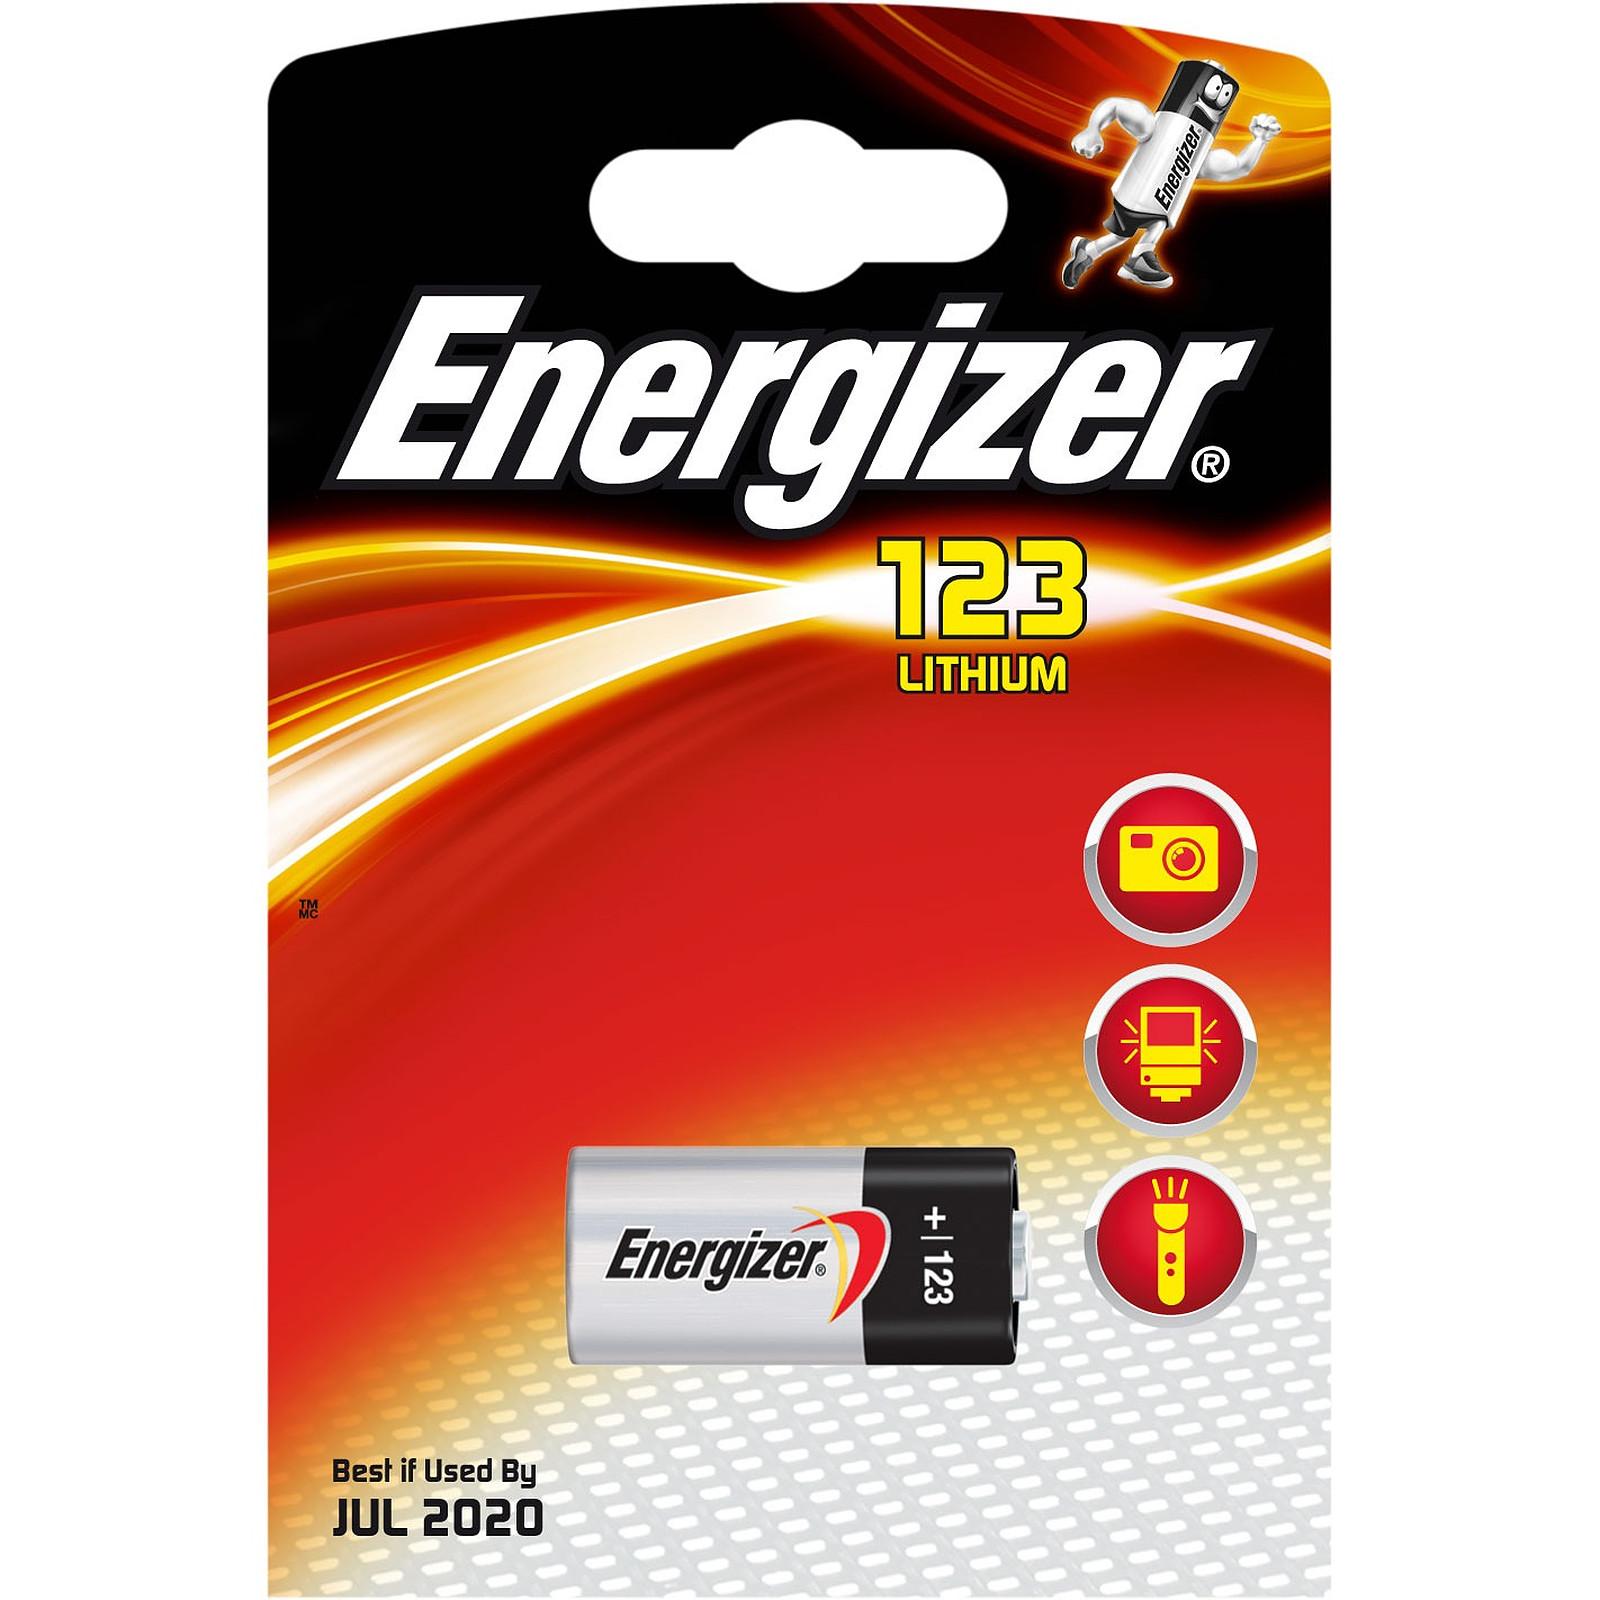 Energizer 123 Lithium (una unidad)